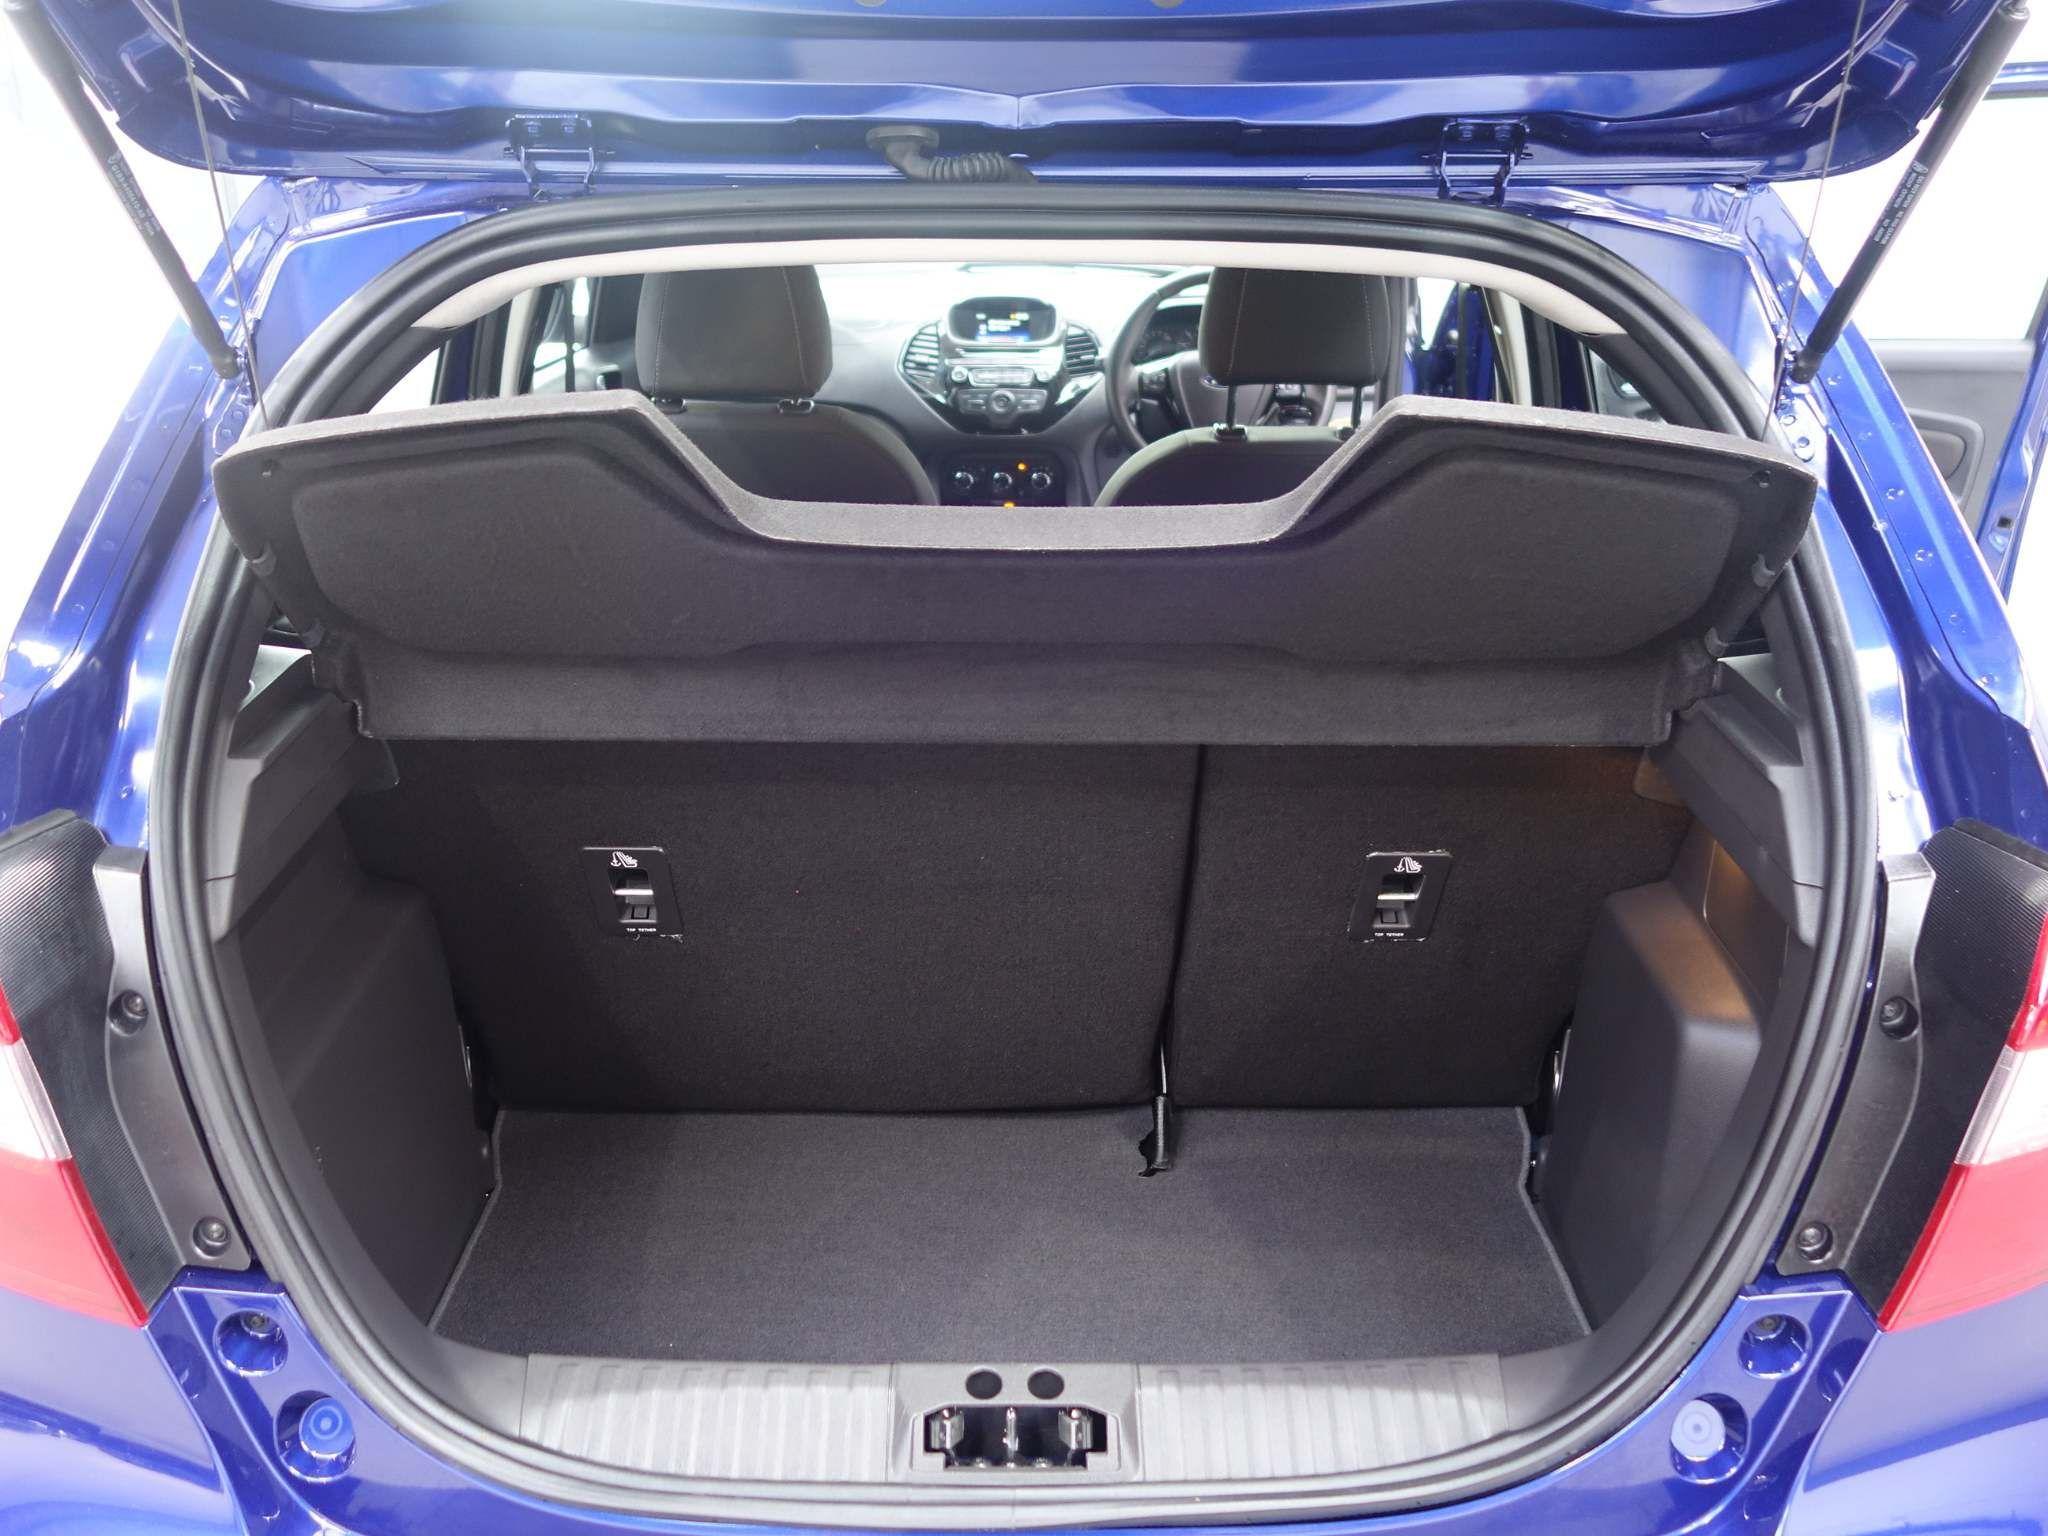 Ford Ka+ 1.2 Ti-VCT Zetec 5dr – WT17VEX